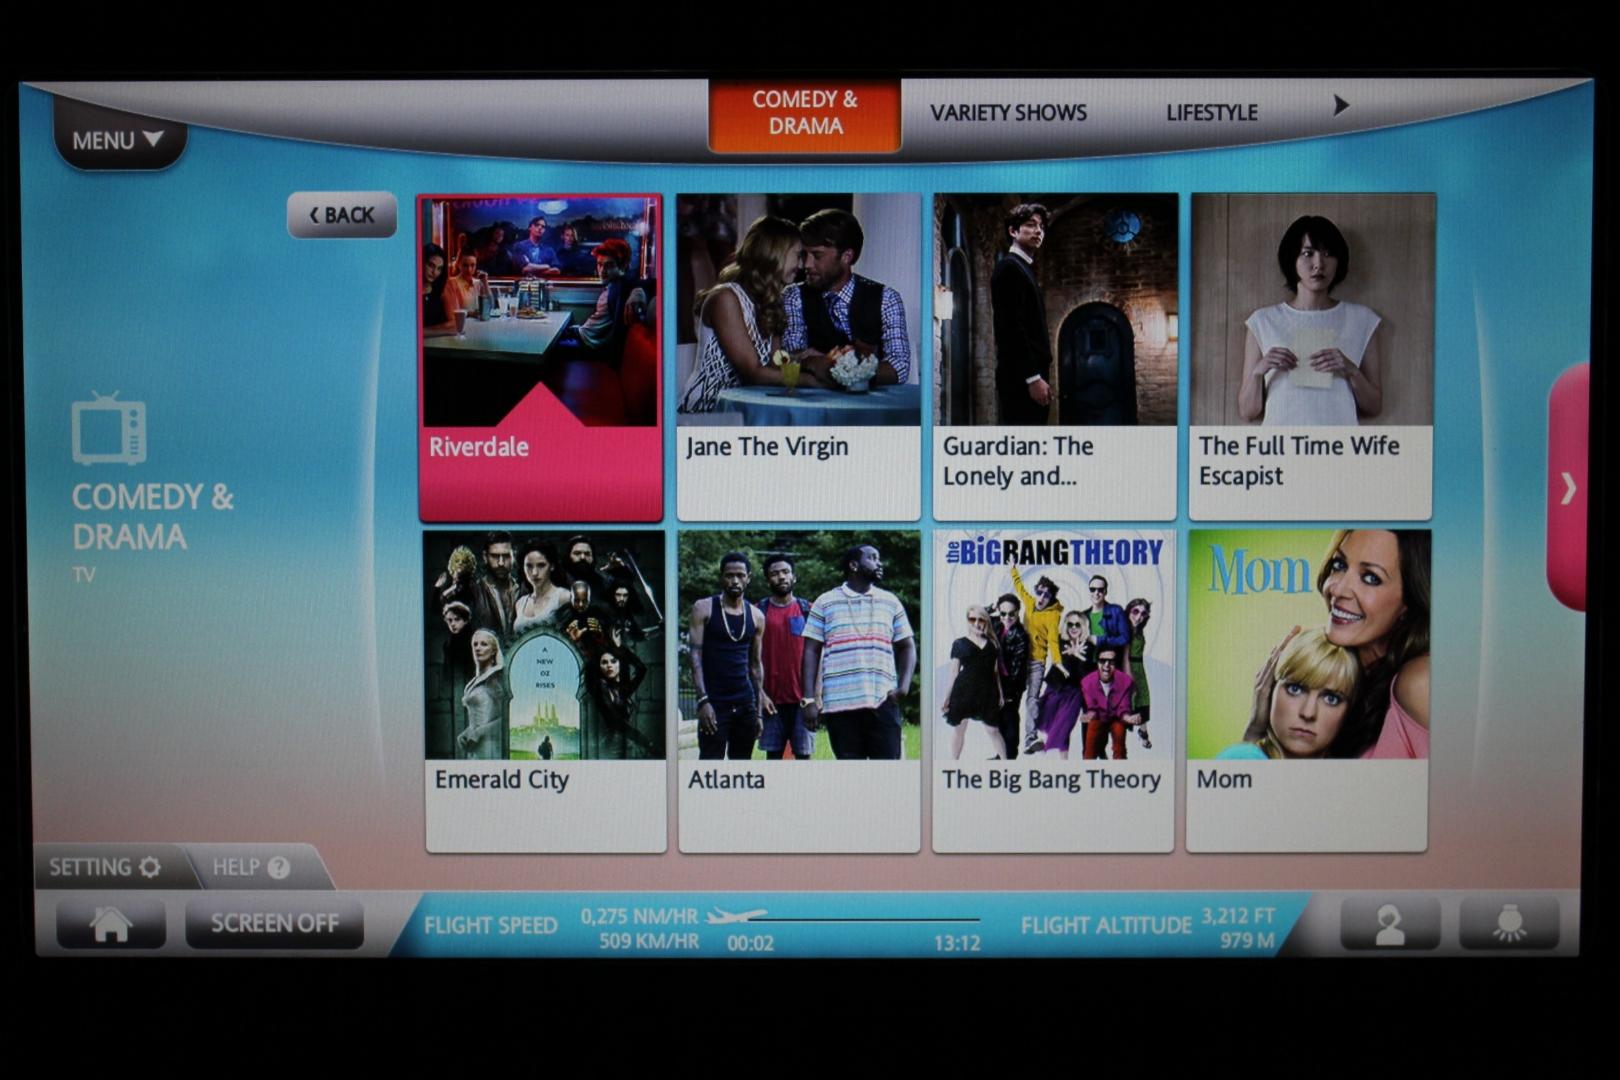 EVA Air business class – TV shows